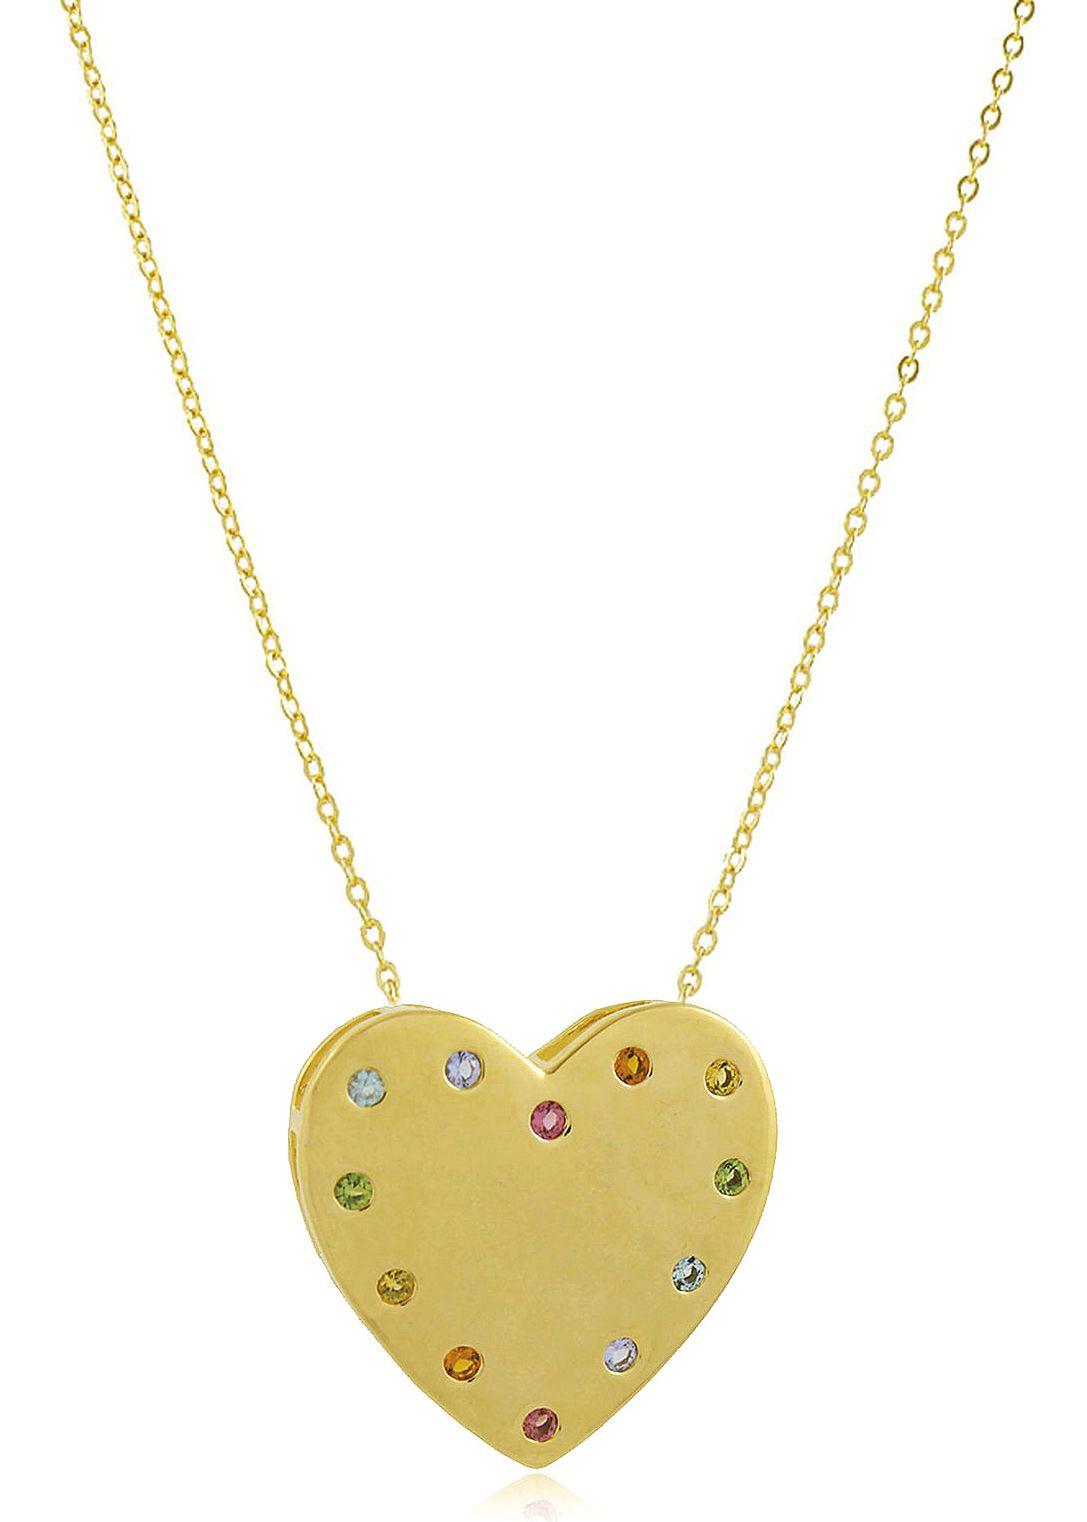 Colar Coração Luxo Pedra Colorida Dourado Duquesa Semi joias